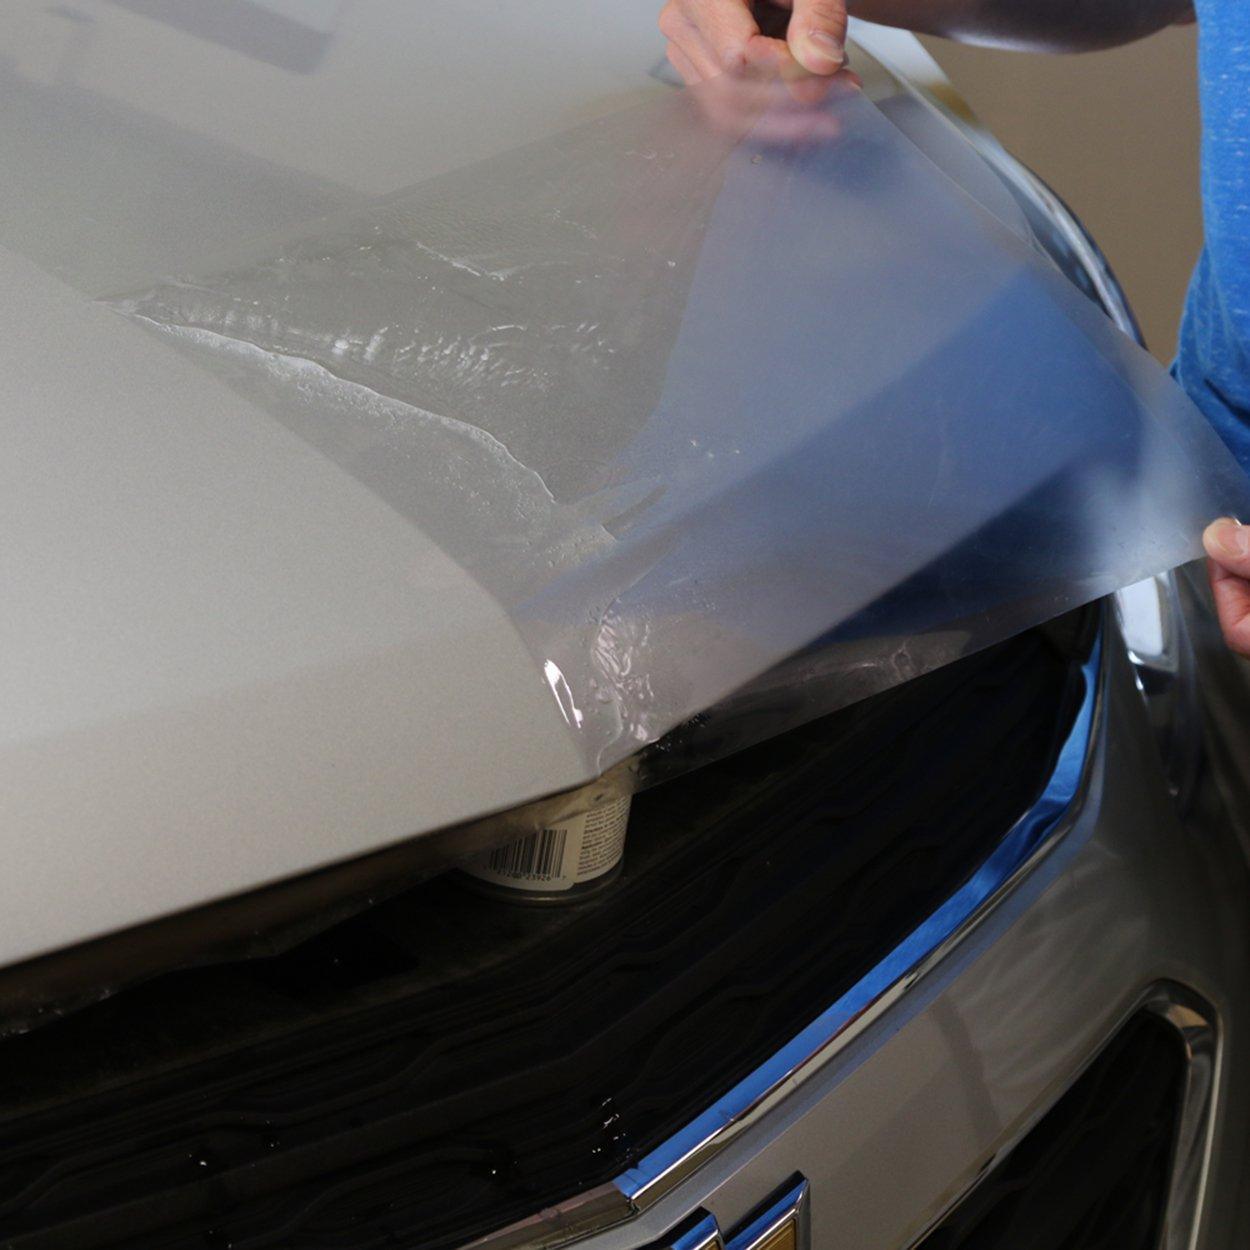 Bundle-Hood Strip, Door Edge, Door Cup, Door Sill Install Proz Self-Healing Clear Paint Protection Film Kits